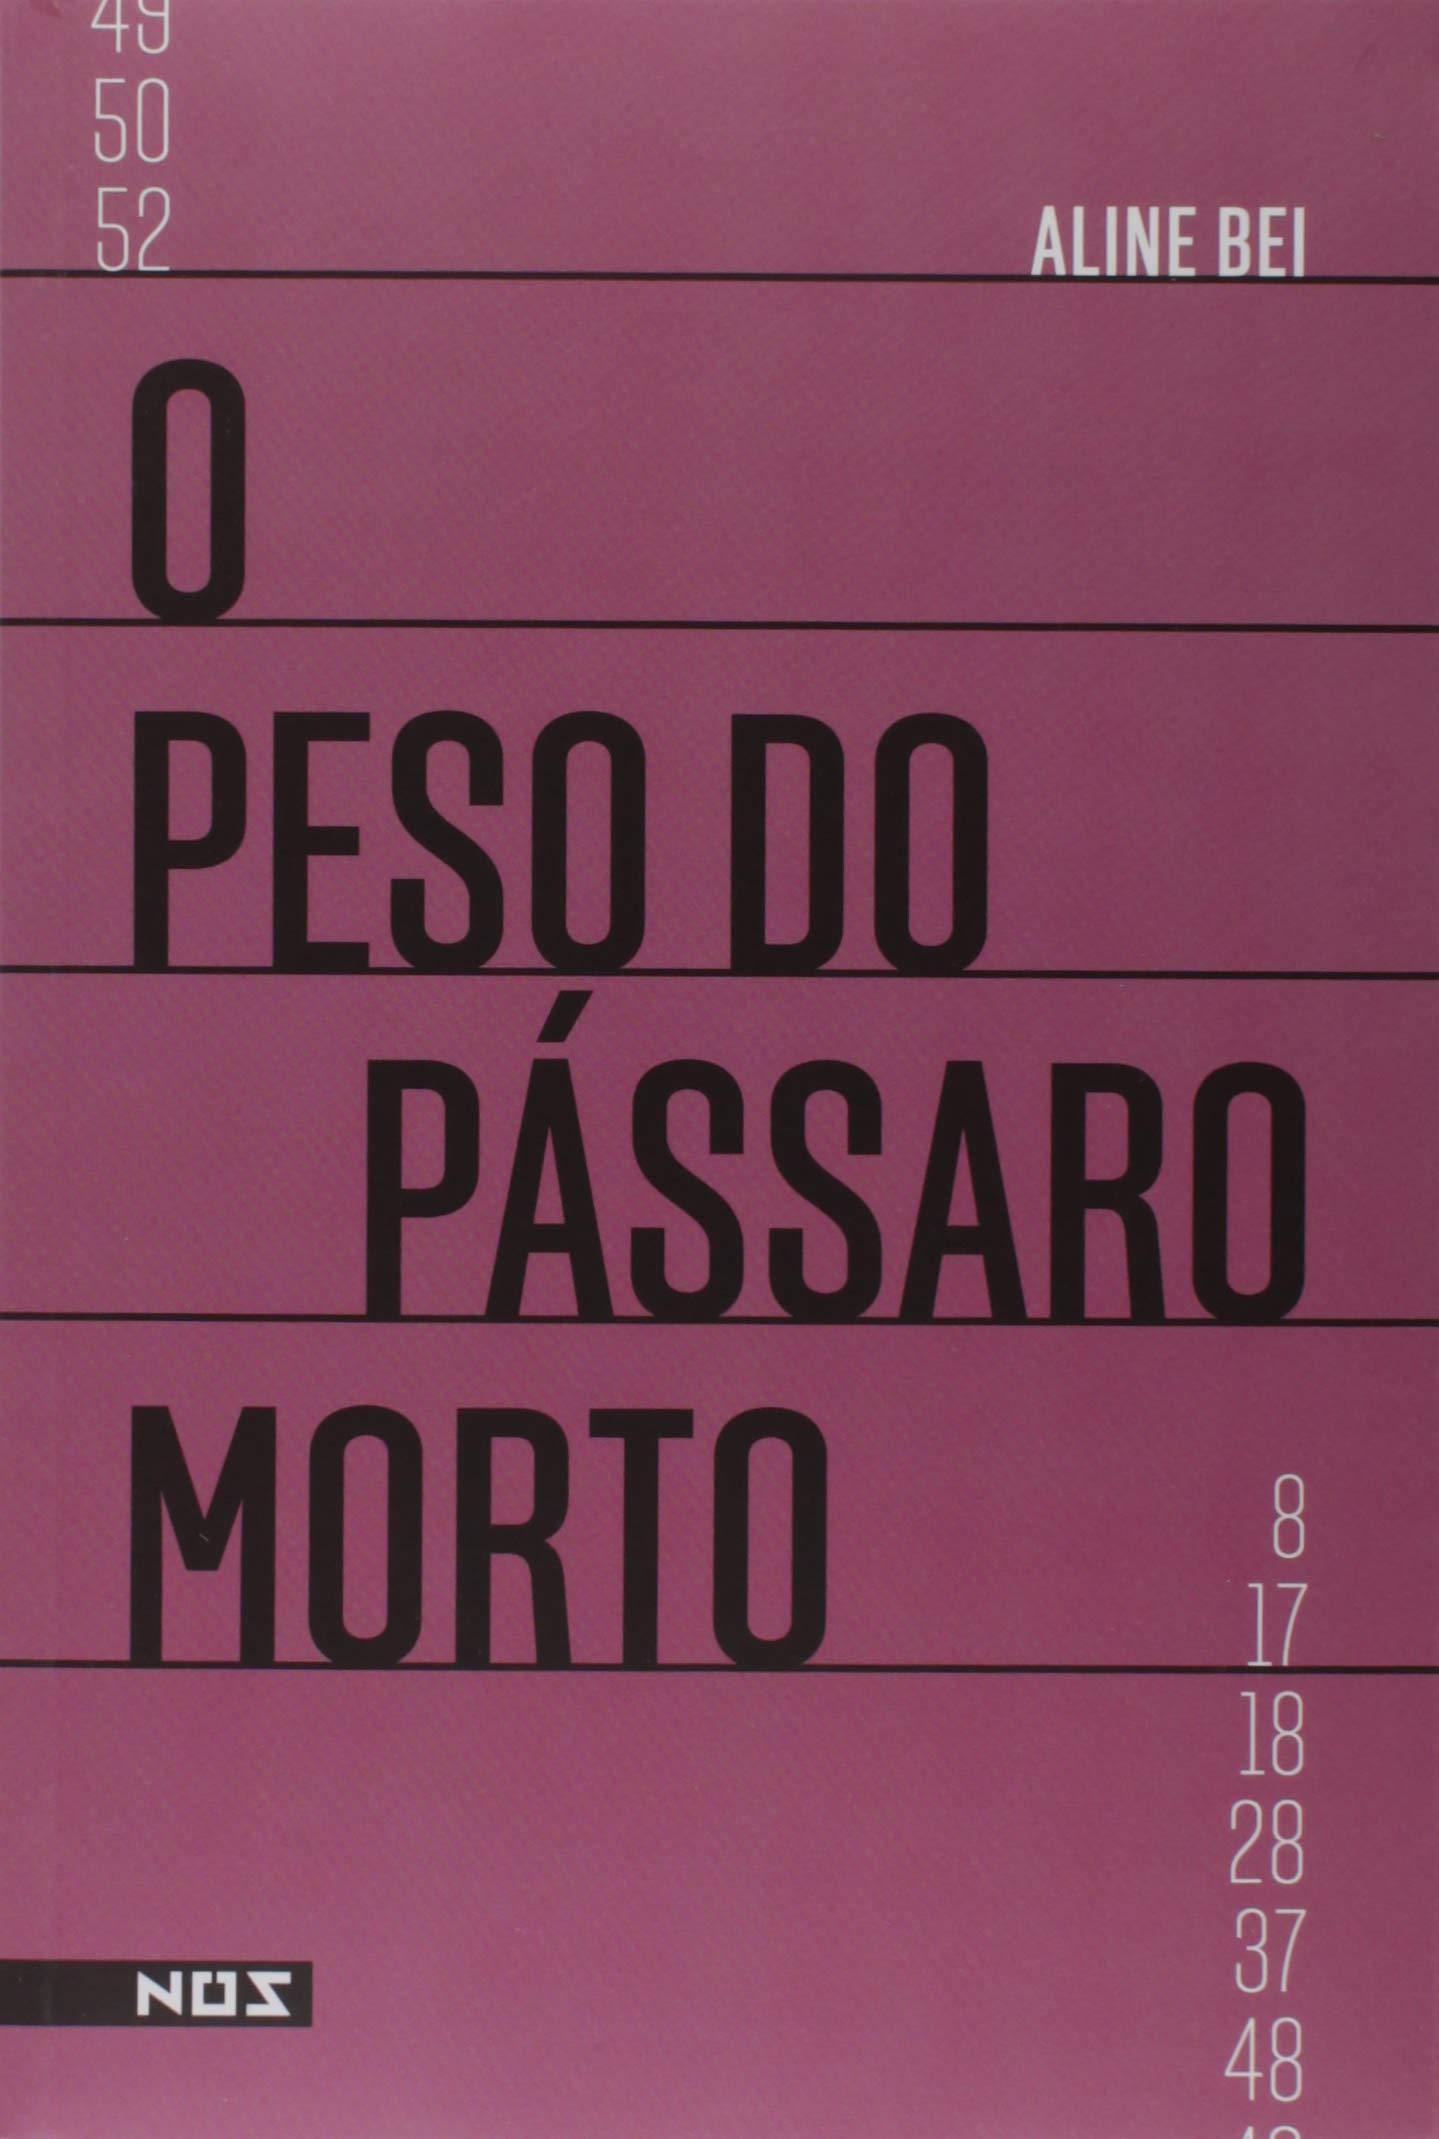 Livros: Indicações Amazon na Amazon.com.br